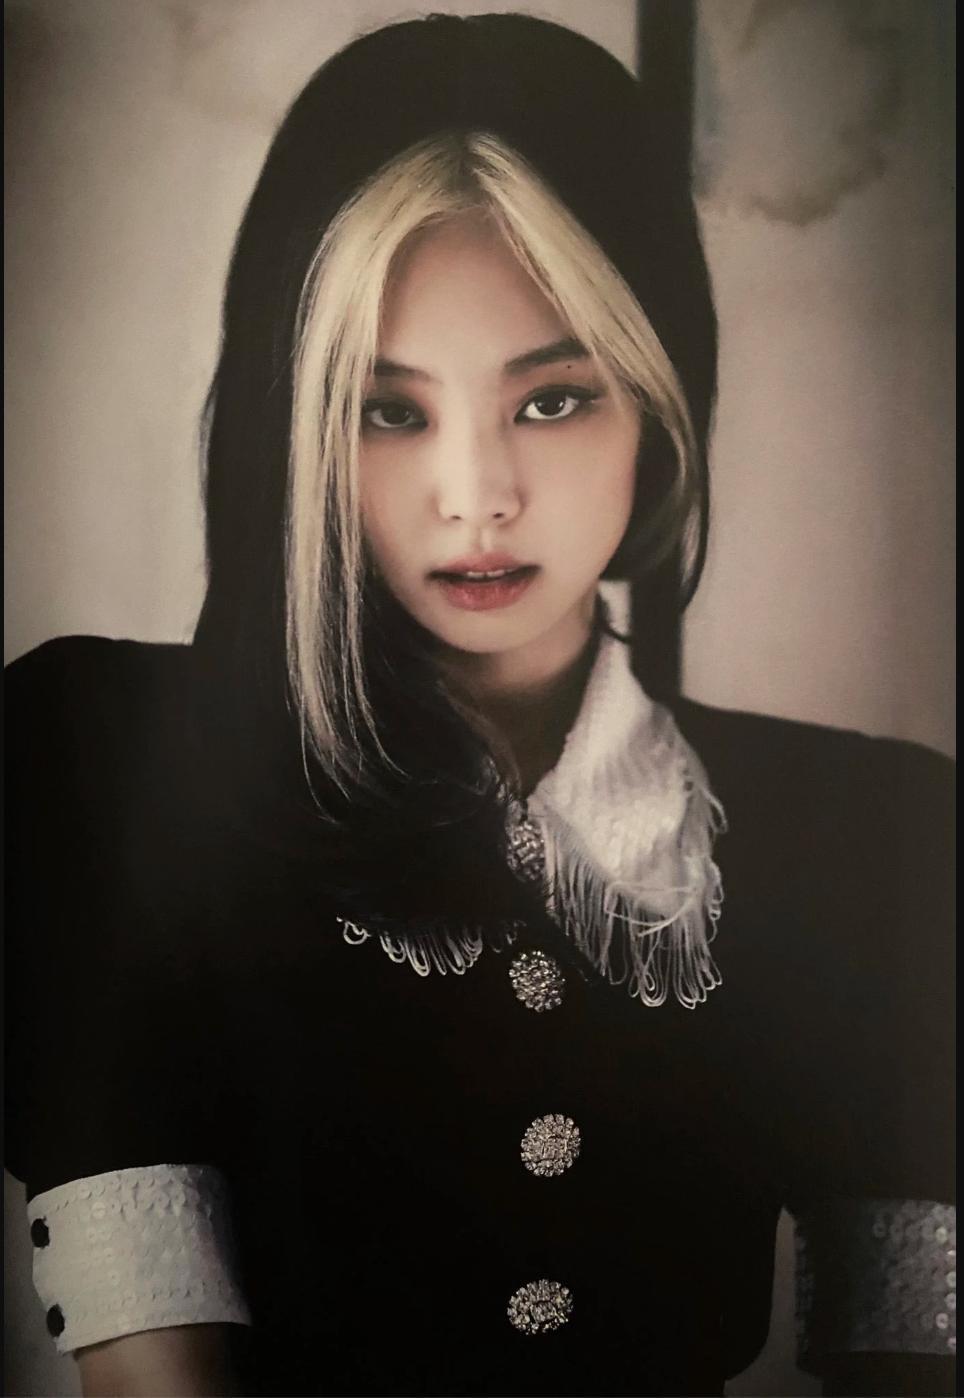 'Bóc' giá trang phục của các cô gái BLACKPINK trong bộ ảnh 'Nhật kí mùa hè 2020 tại Seoul' Ảnh 4